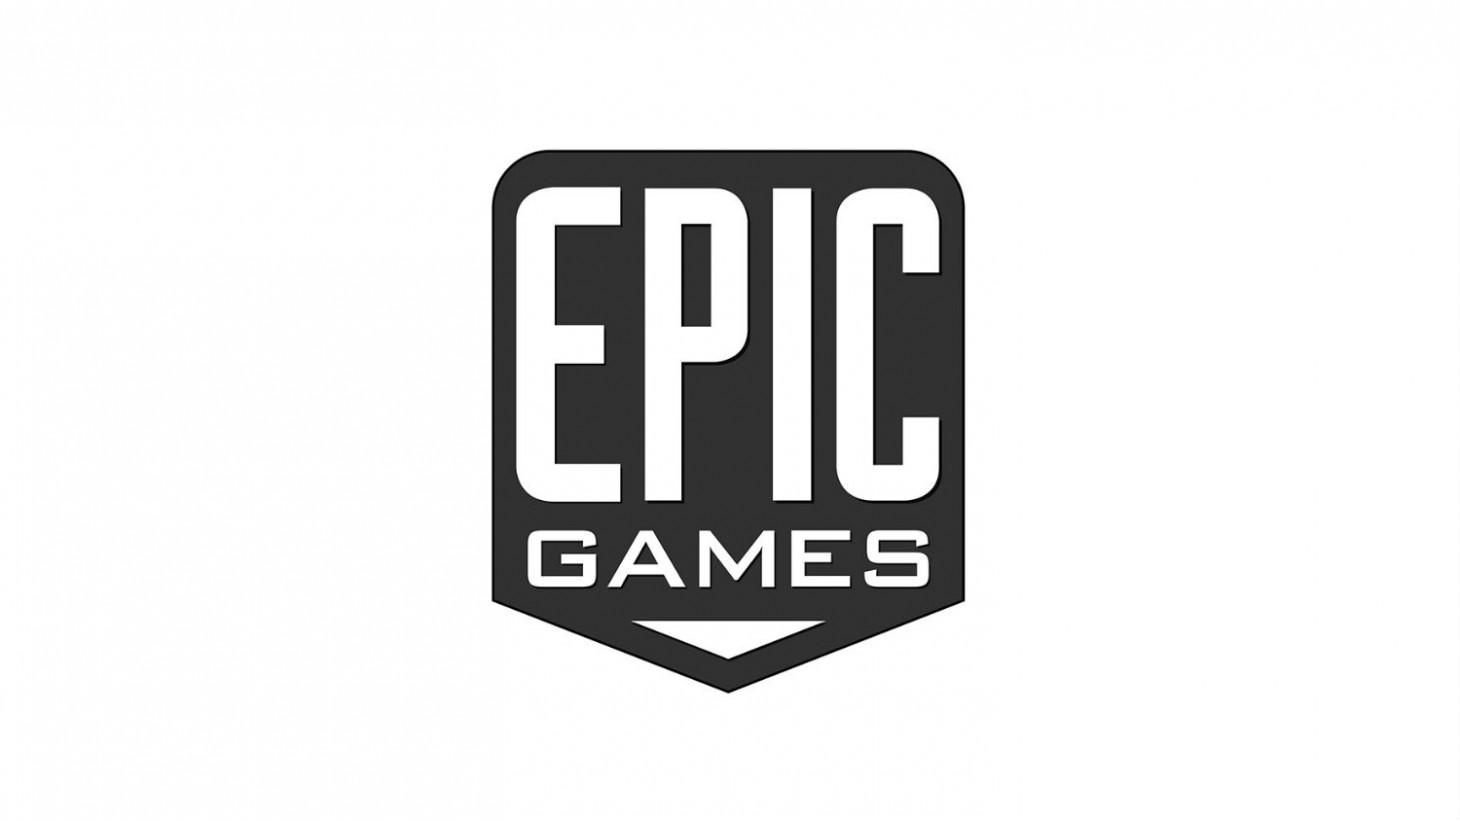 آبل تحذف حساب Epic Games  مطورة فورتنايت عن متجرها App Store